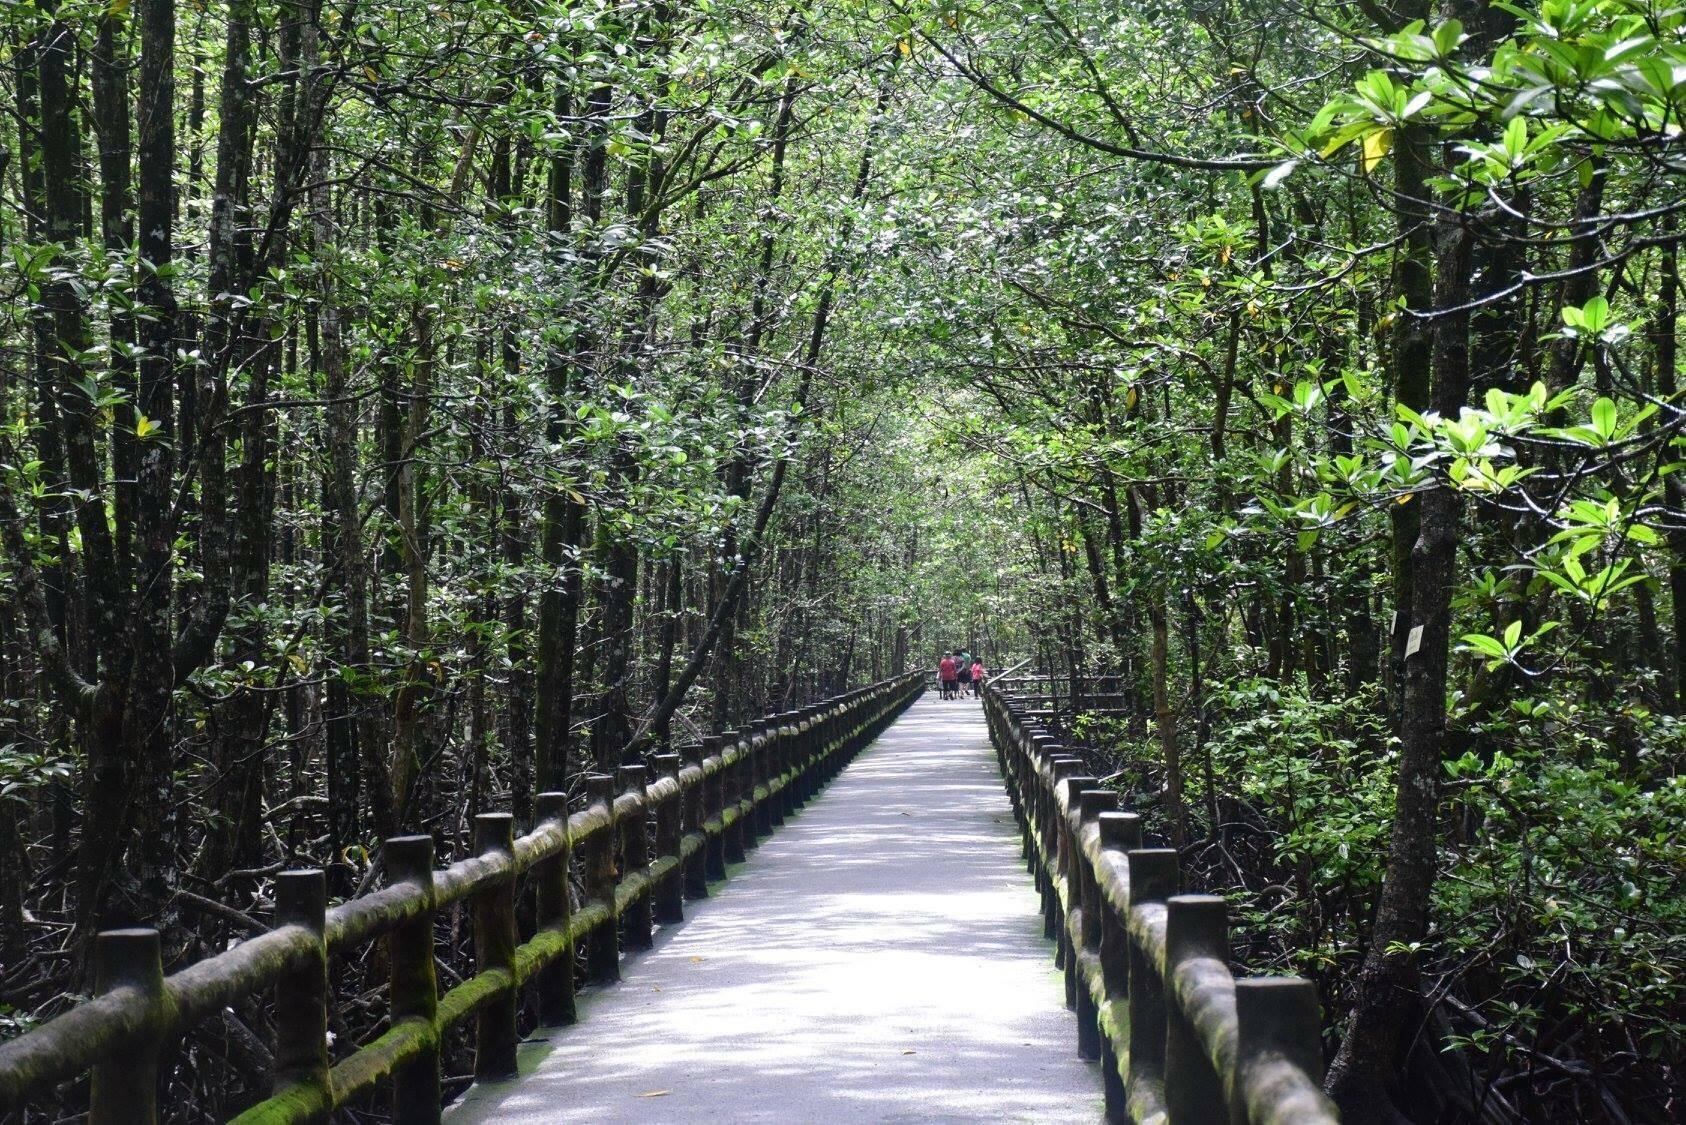 พื้นที่สงวนชีวมณฑลป่าชายเลนระนอง